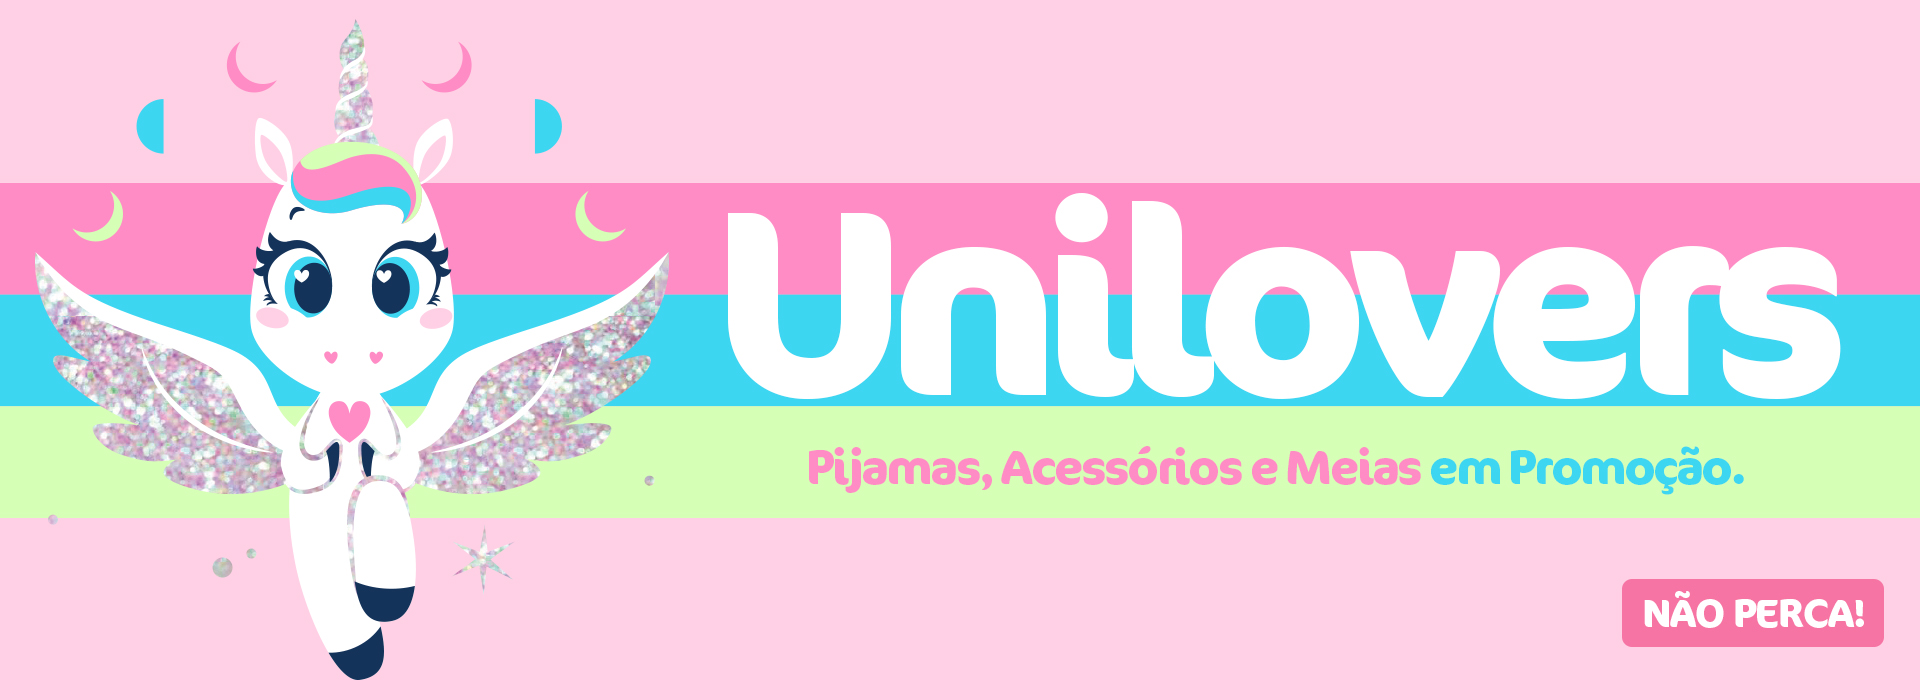 Banner E: Unilovers! Pijamas, Acessórios e Meias em promoção